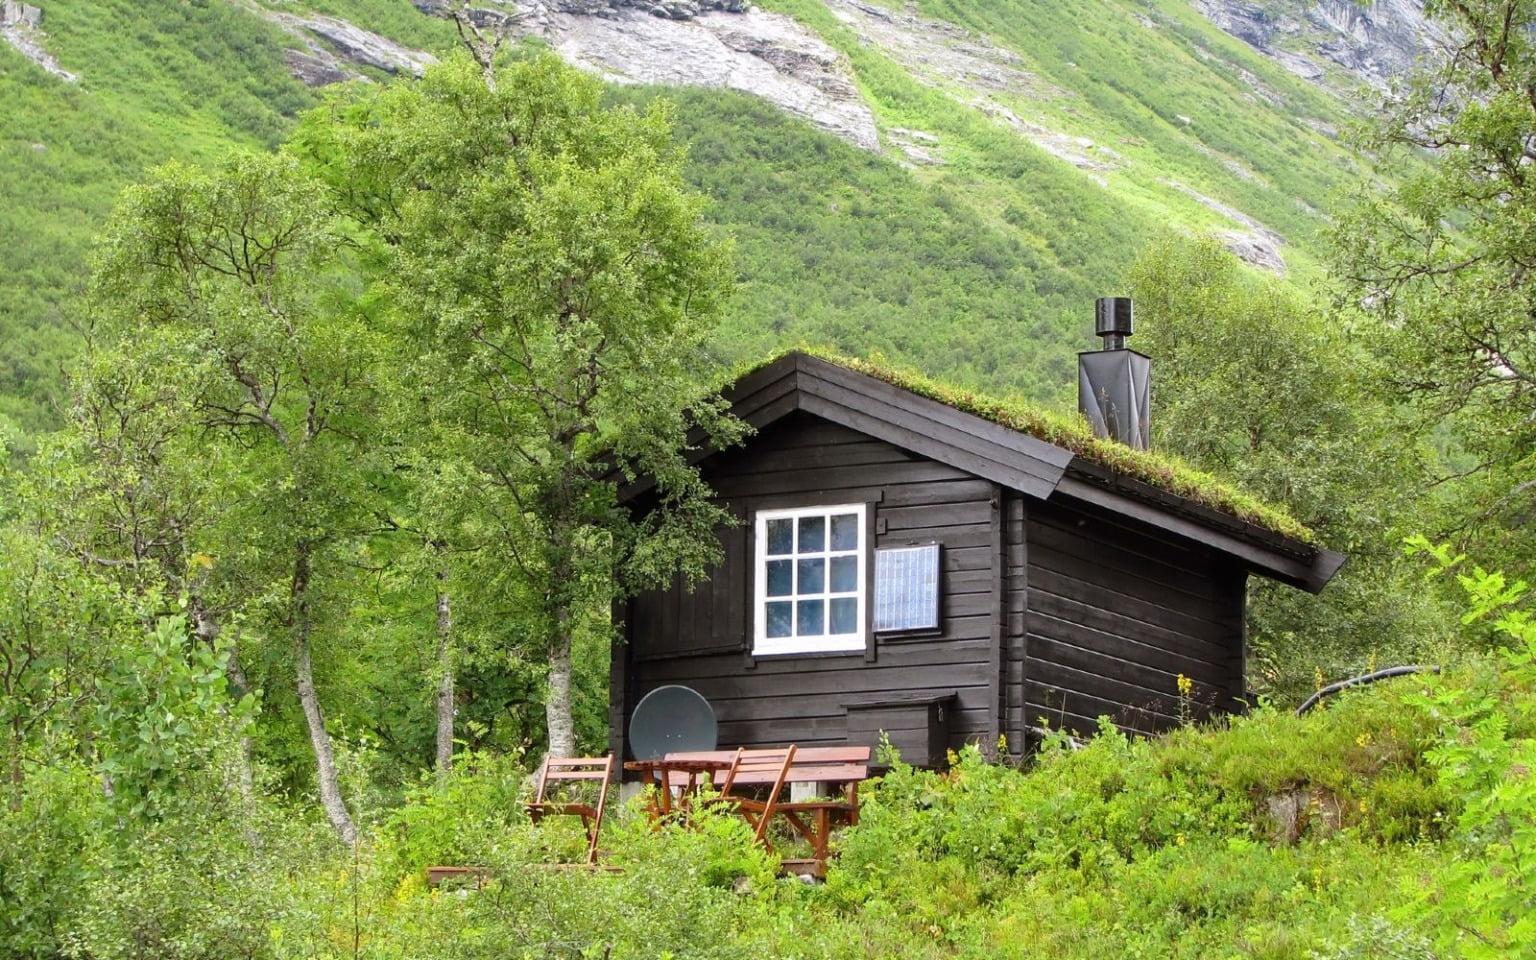 Một kiểu nhà cabin Na Uy bên bờ hồ. Trong khi láng giềng Đan Mạch đa số yêu thích những kỳ nghỉ cabin vào mùa hè, thì đối với người Na Uy, nghỉ ngơi tại các cabin, túp lều, nhà gỗ... là món ăn tinh thần không thể thiếu quanh năm suốt tháng. Cuối tuần hay dịp lễ, mọi người sẽ đổ xô vào rừng, lên núi, xuống biển... rồi dành toàn bộ thời gian rảnh trong ngôi nhà gần hồ hoặc có tầm hình đẹp, ngày ngày nấu ăn, câu cá, thảnh thơi đi dạo. Ảnh: lifeinnorway